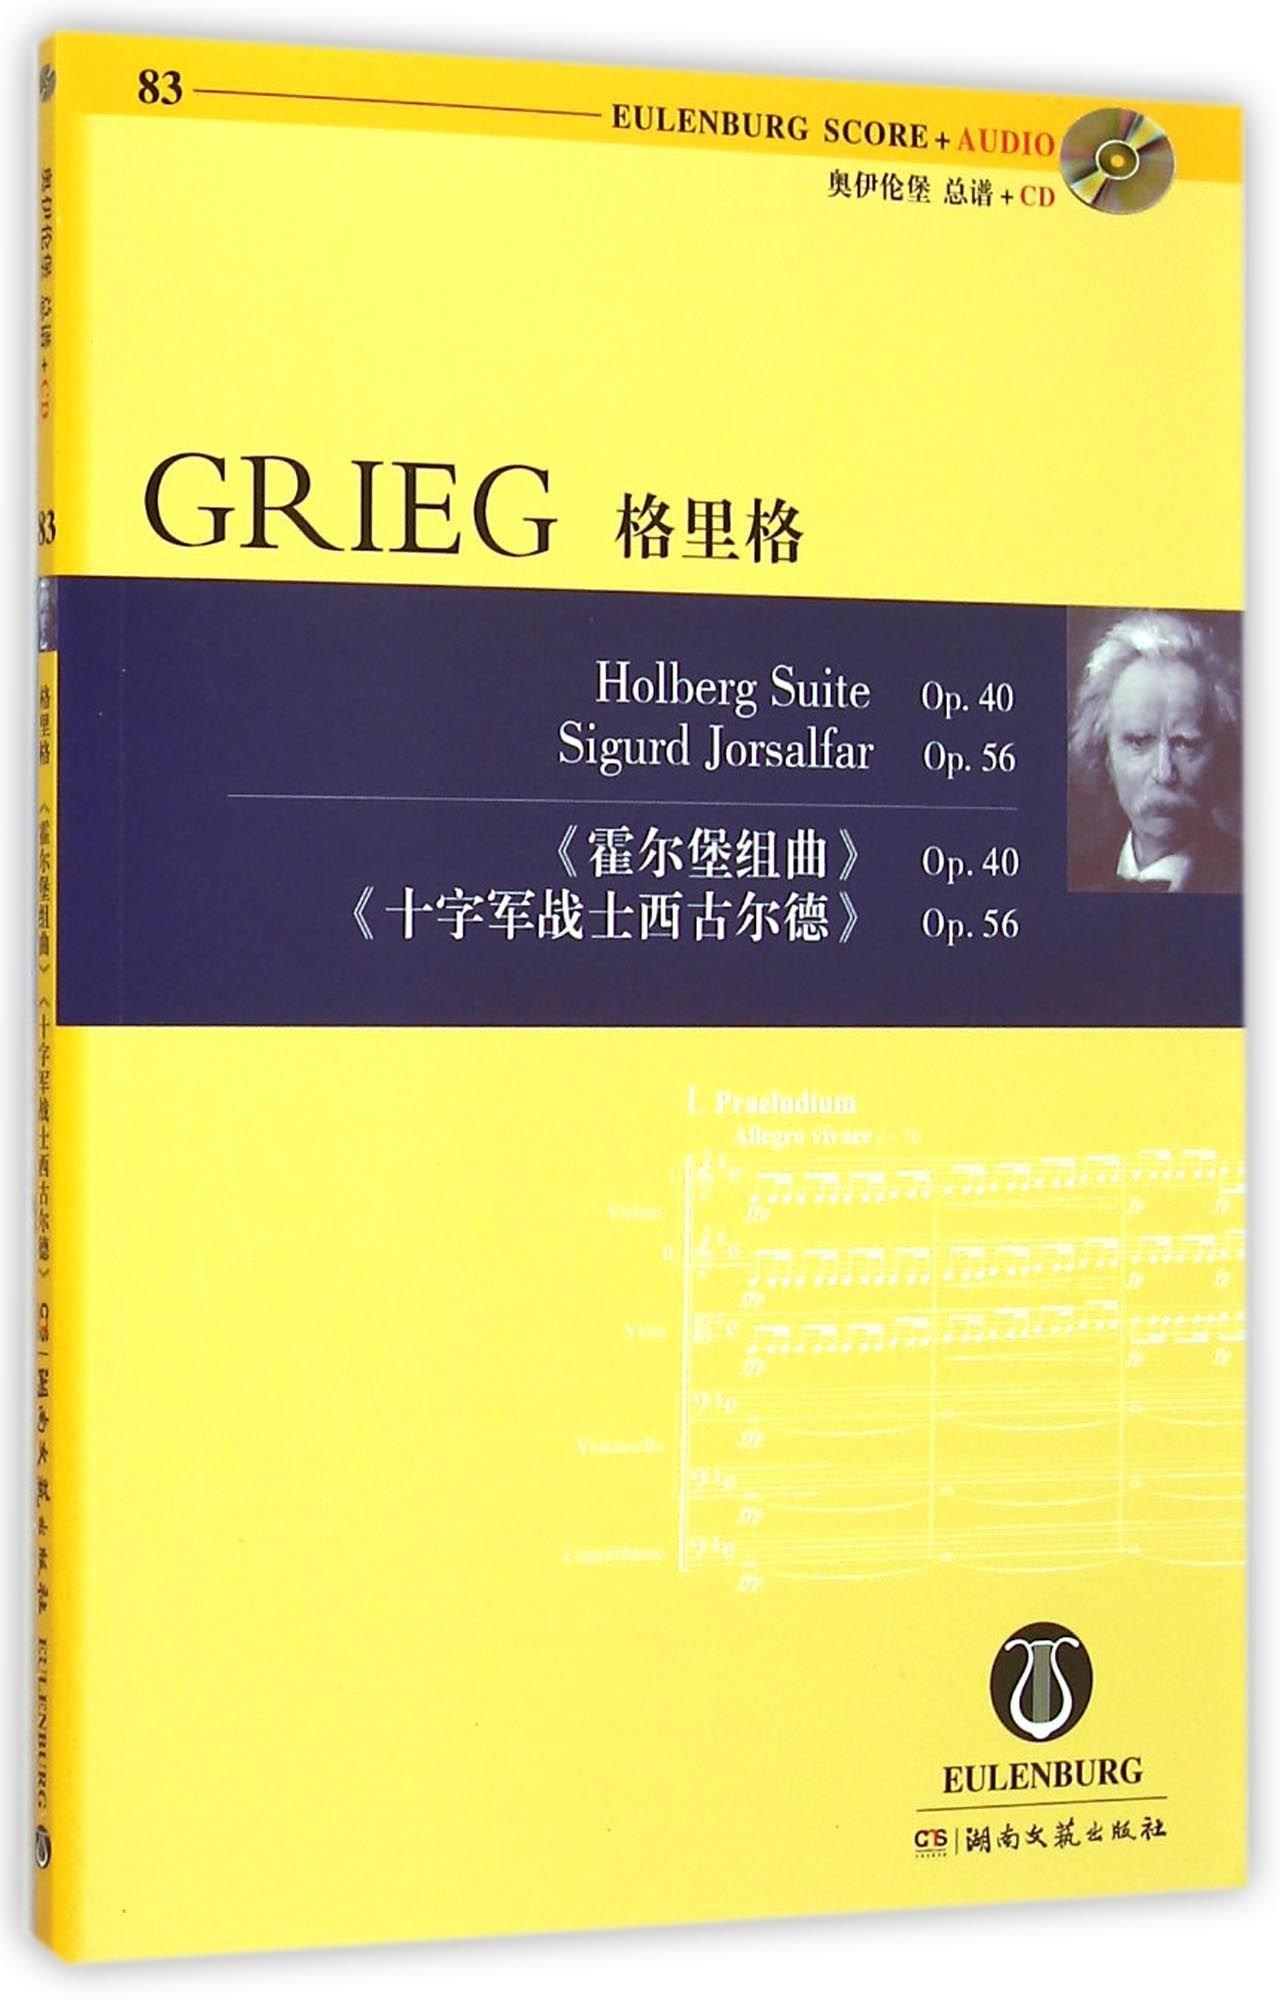 格里格~霍爾堡組曲~Op.40~十字軍戰士西古爾德~Op.56